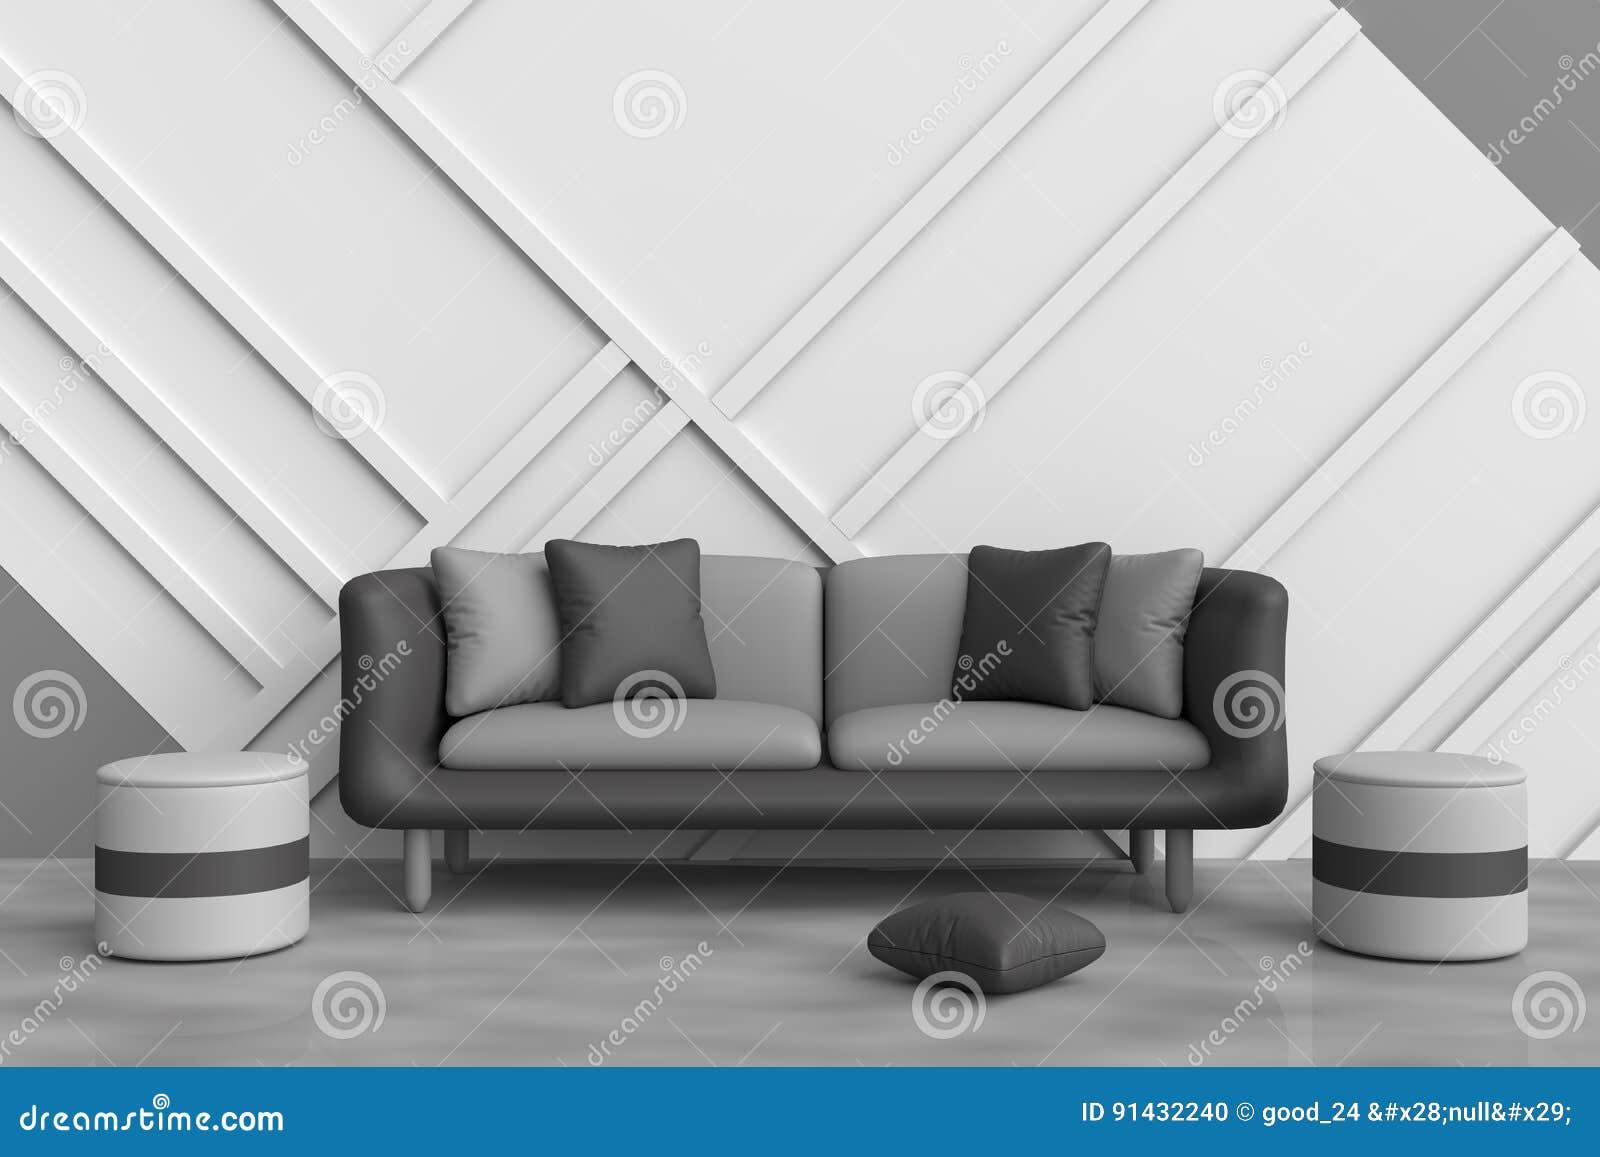 Licht Grijze Stoel : De grijze woonkamer is verfraaid met zwarte bank zwarte en grijze